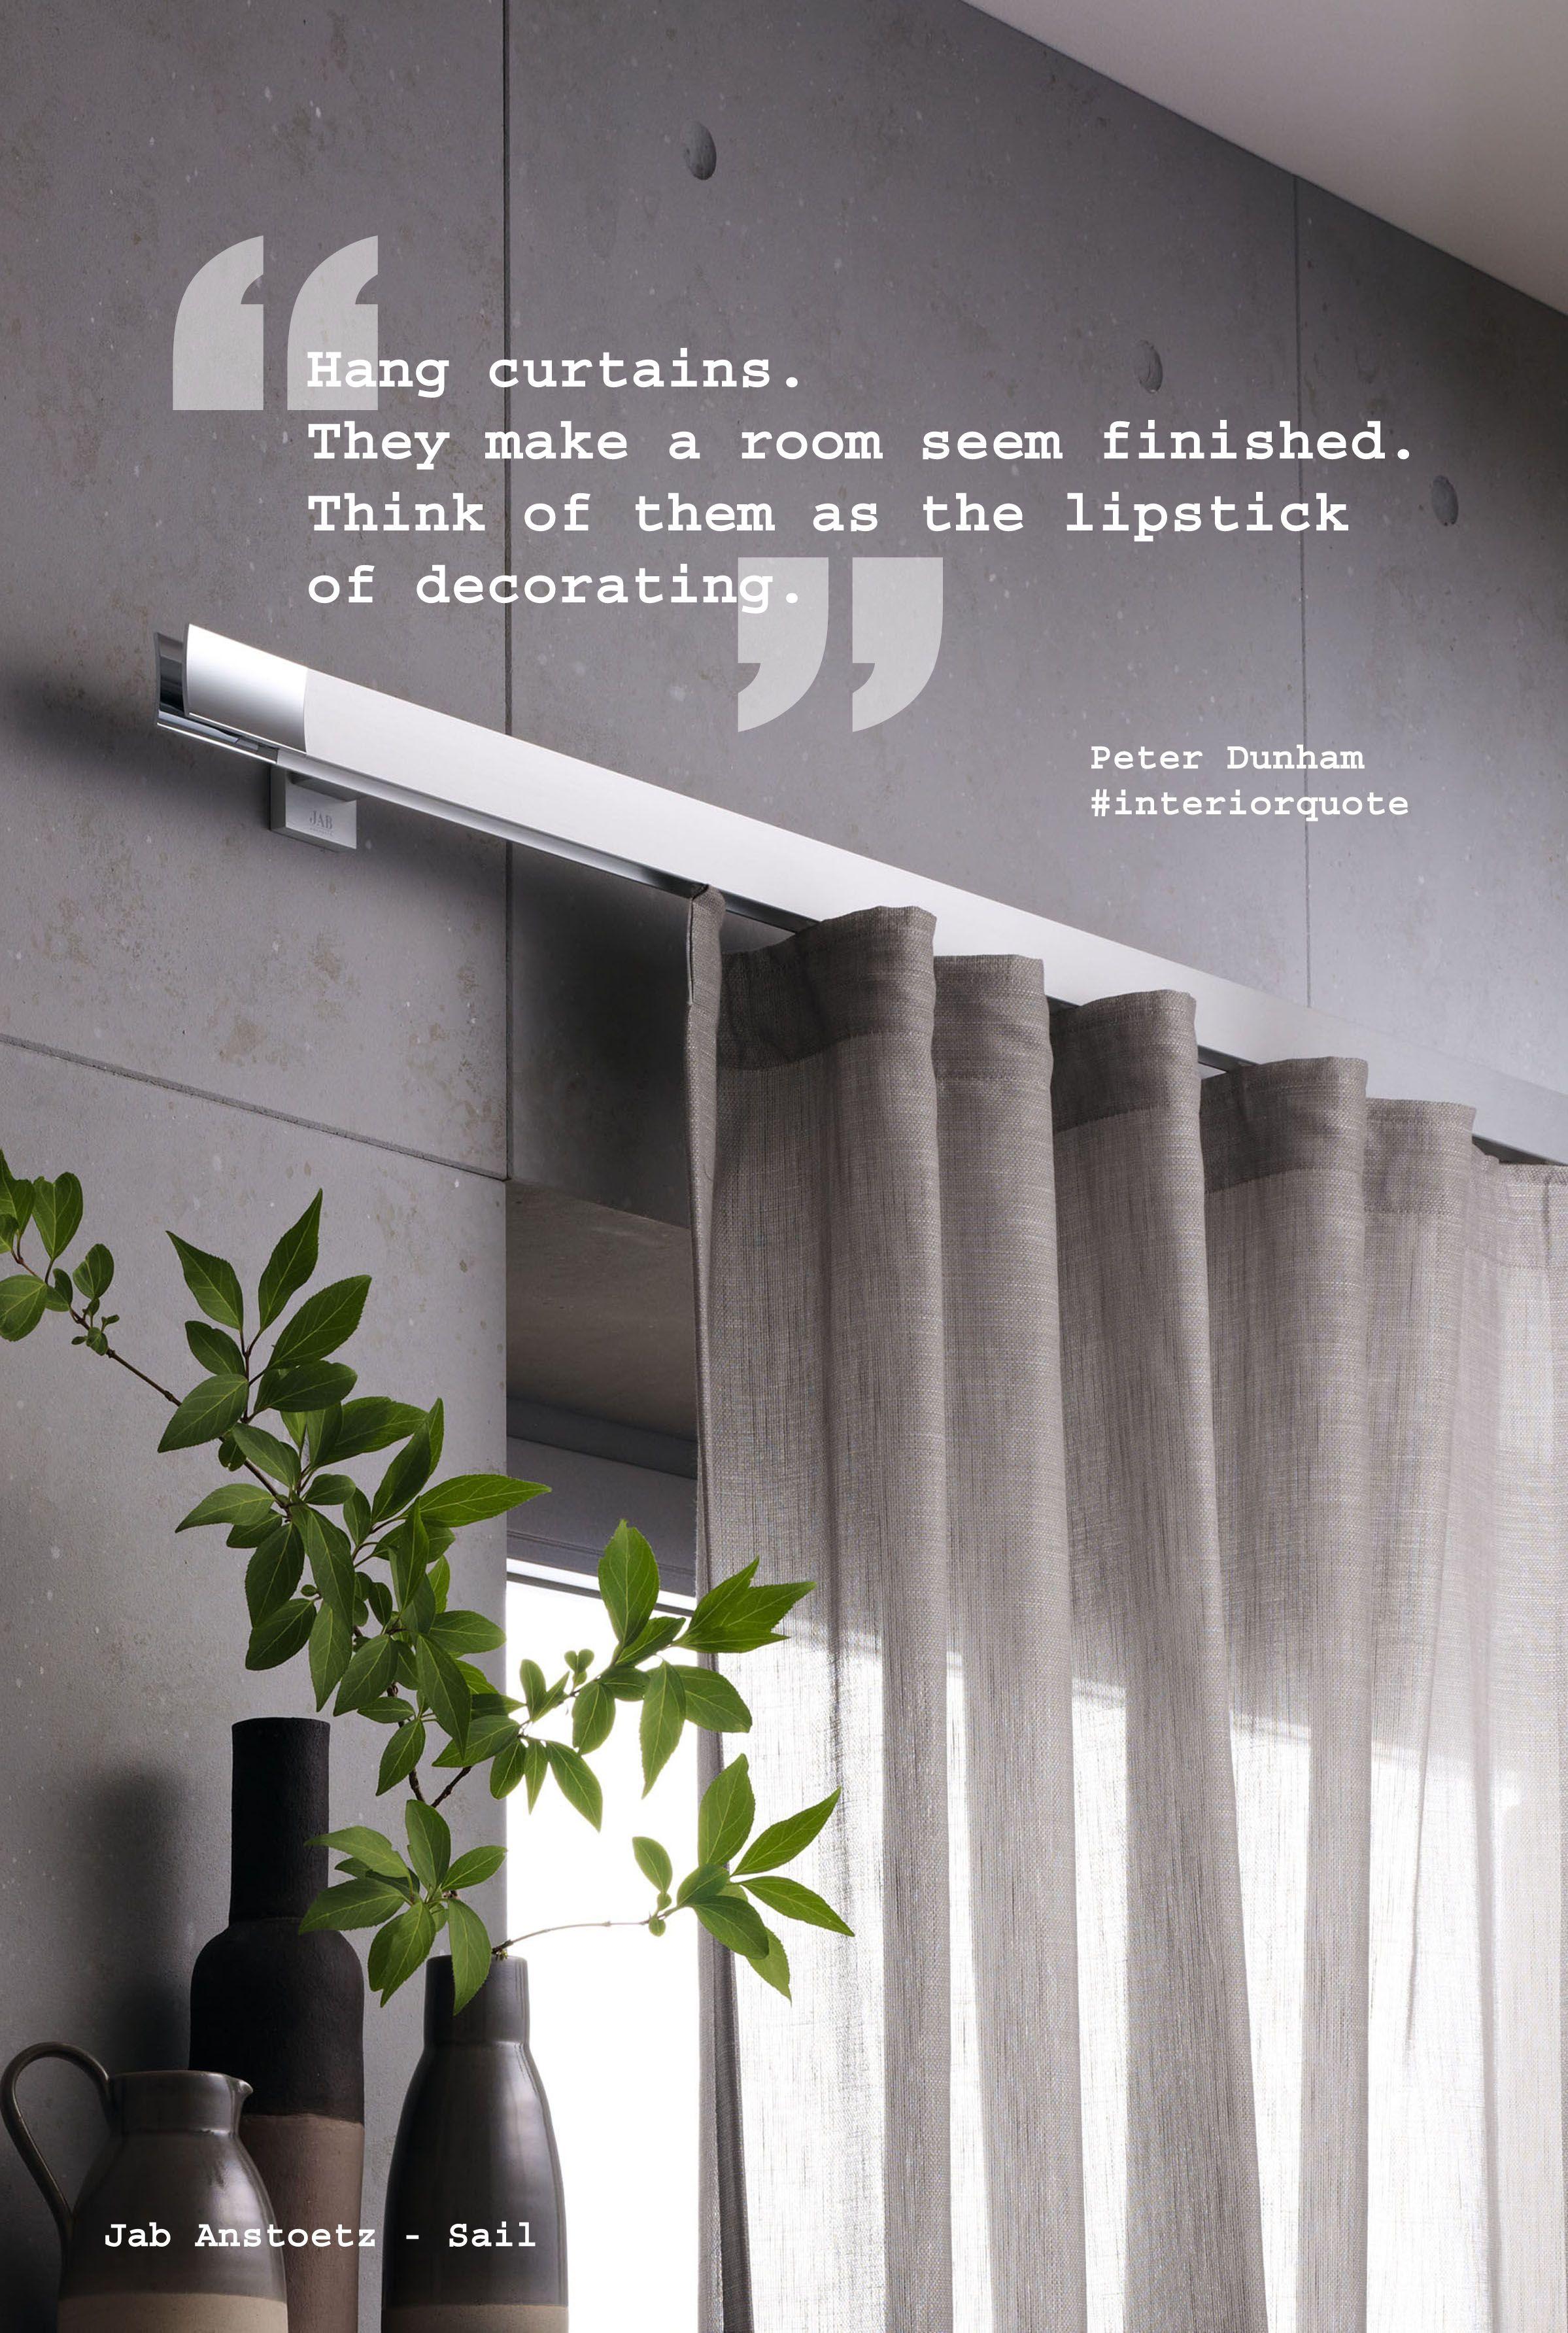 Hang gordijnen op ze maken je kamer af zie ze maar als de lippenstift van het decoreren - Decoreren van een professioneel kantoor ...